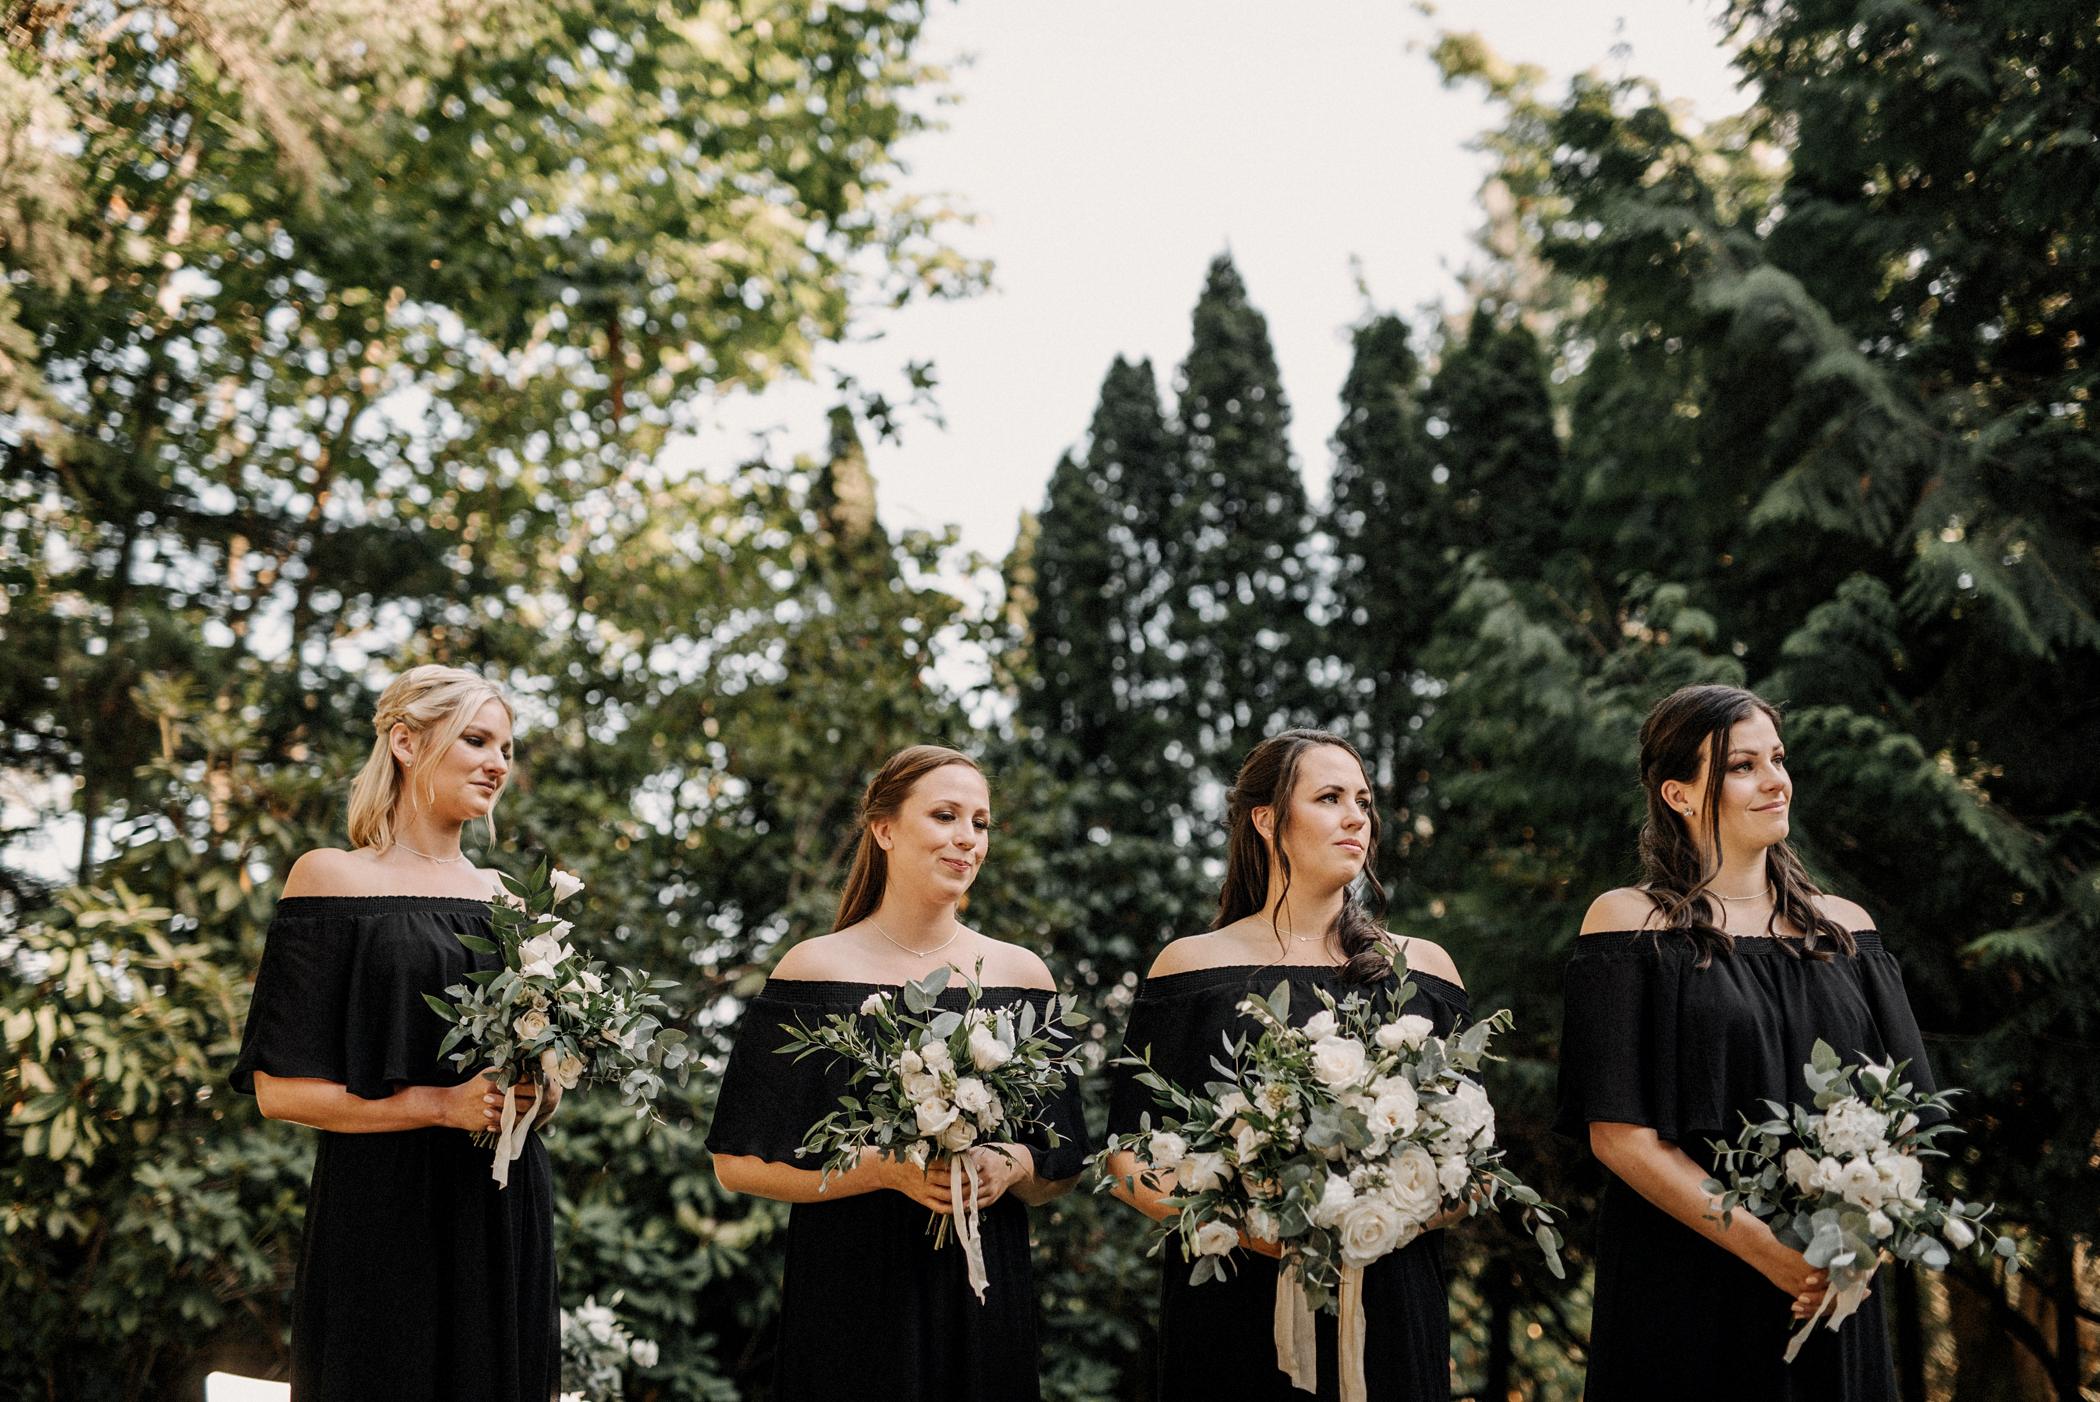 039-kaoverii-silva-KR-wedding-vancouver-photography-blog.png